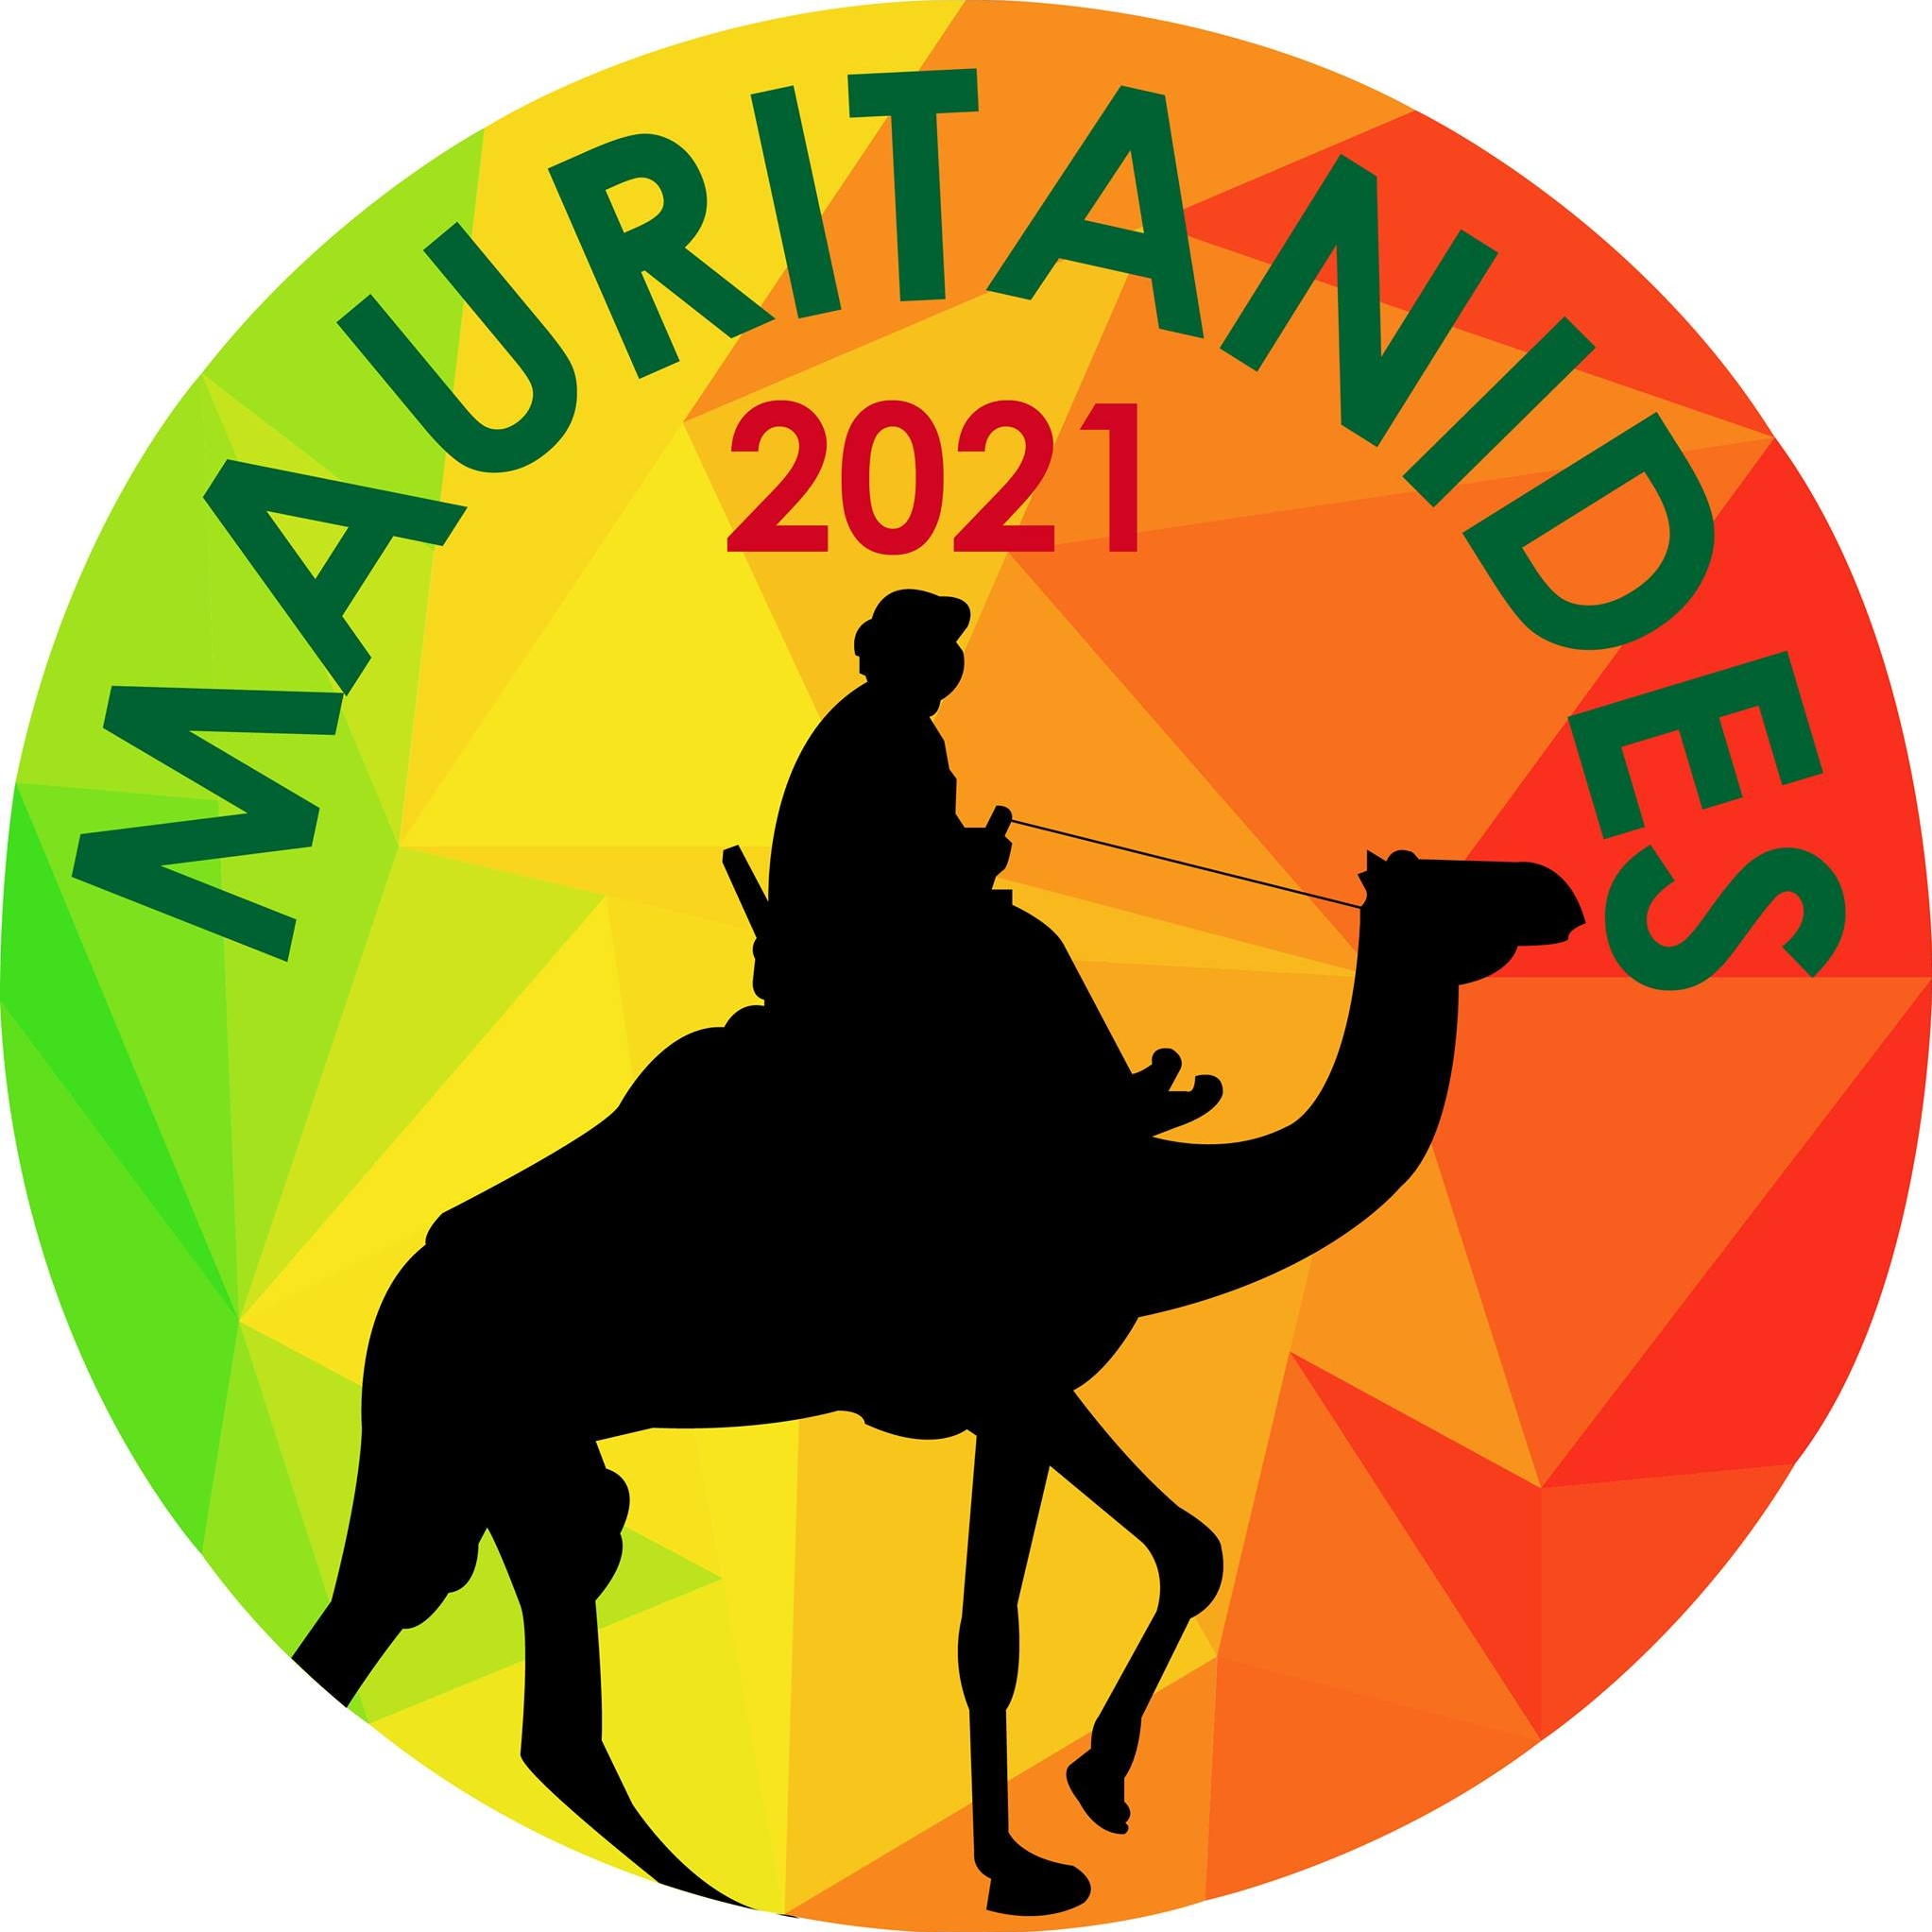 La 6e édition de Mauritanides revient à Nouakchott, Mauritanie du 7 au 9 décembre 2021